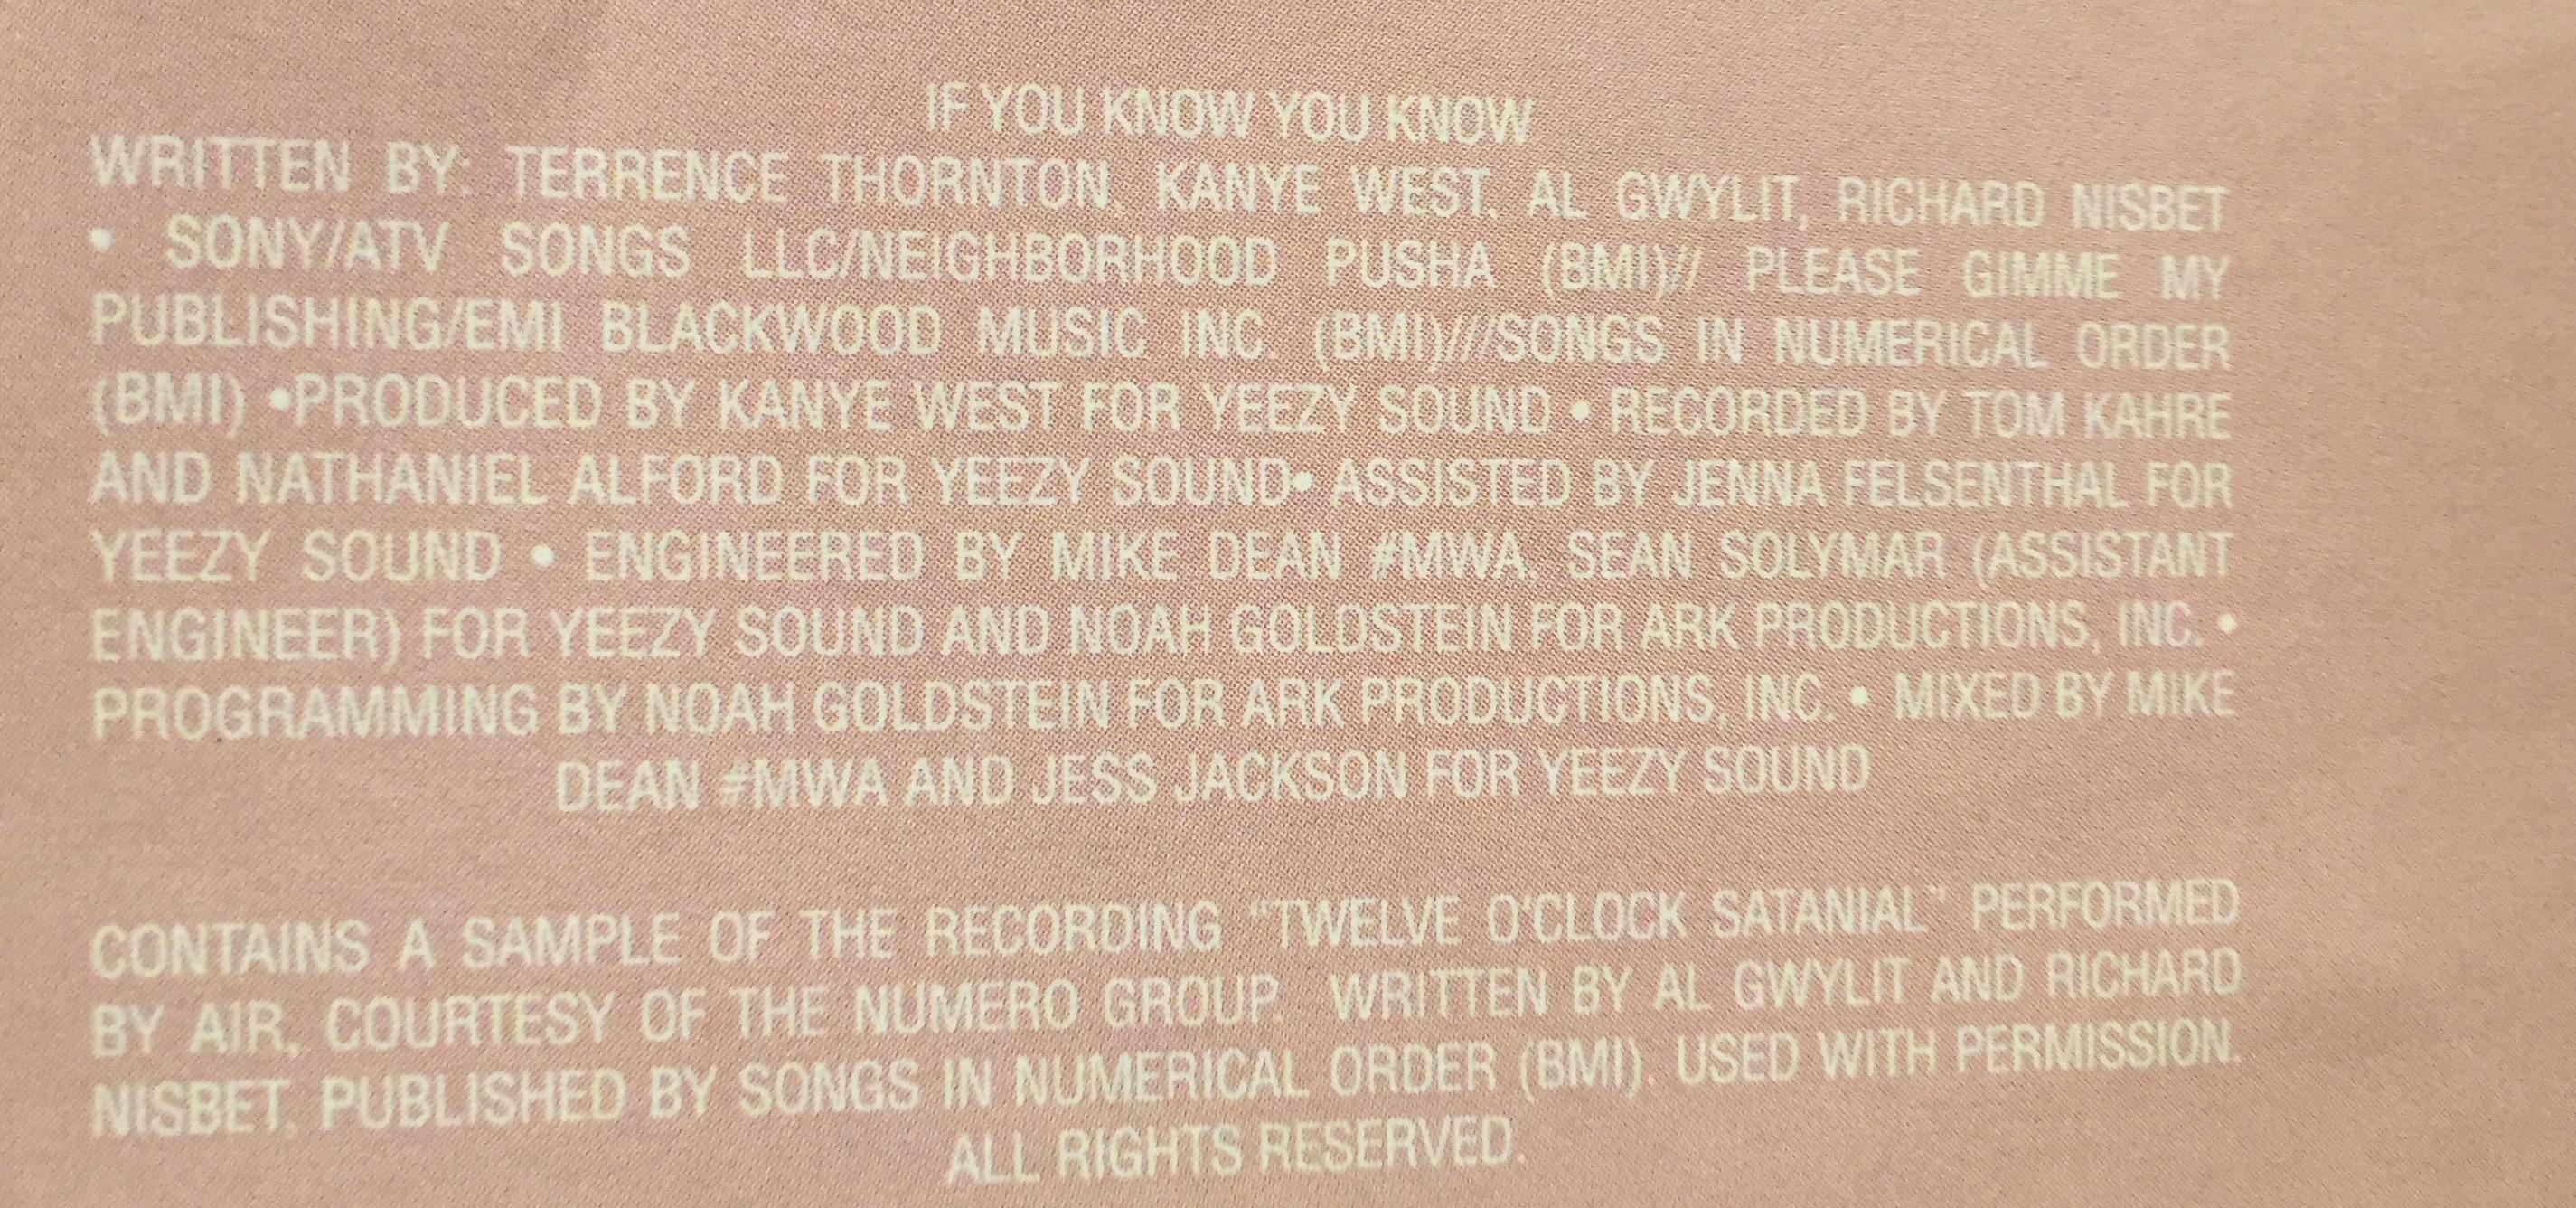 Pusha T – If You Know You Know Lyrics | Genius Lyrics